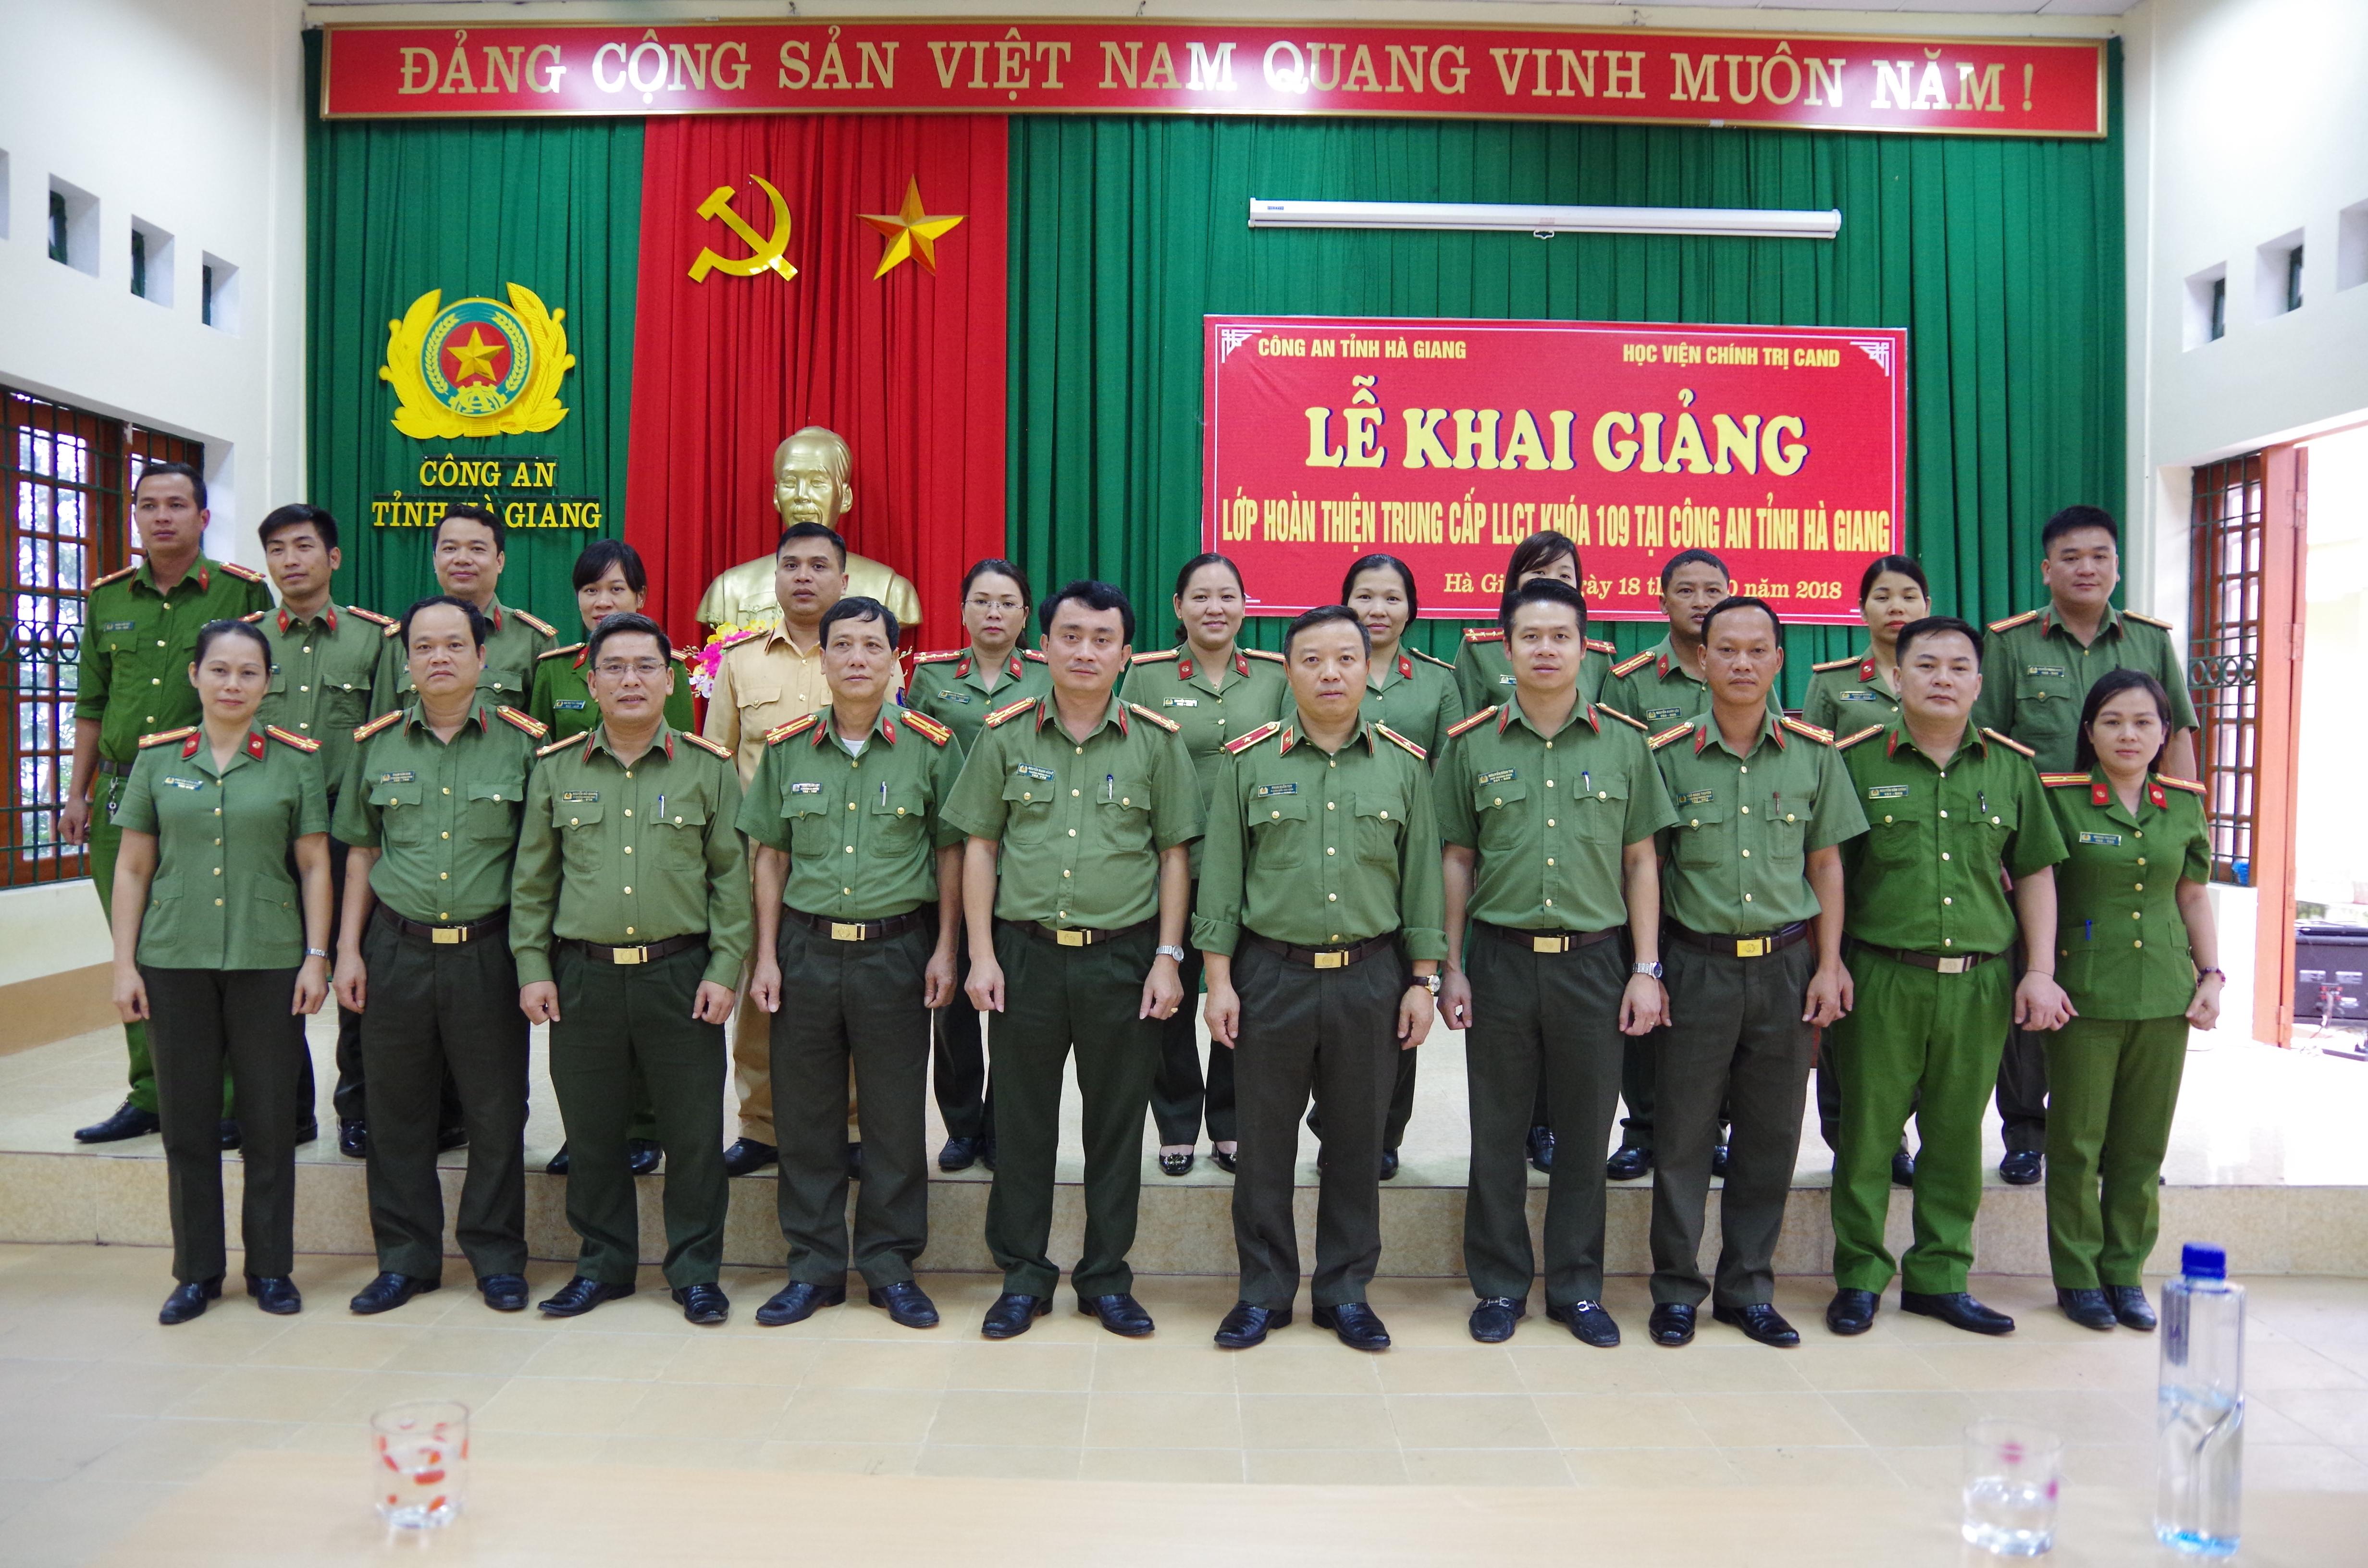 Khai giảng Lớp hoàn thiện Trung cấp lý luận chính trị tại Hà Giang